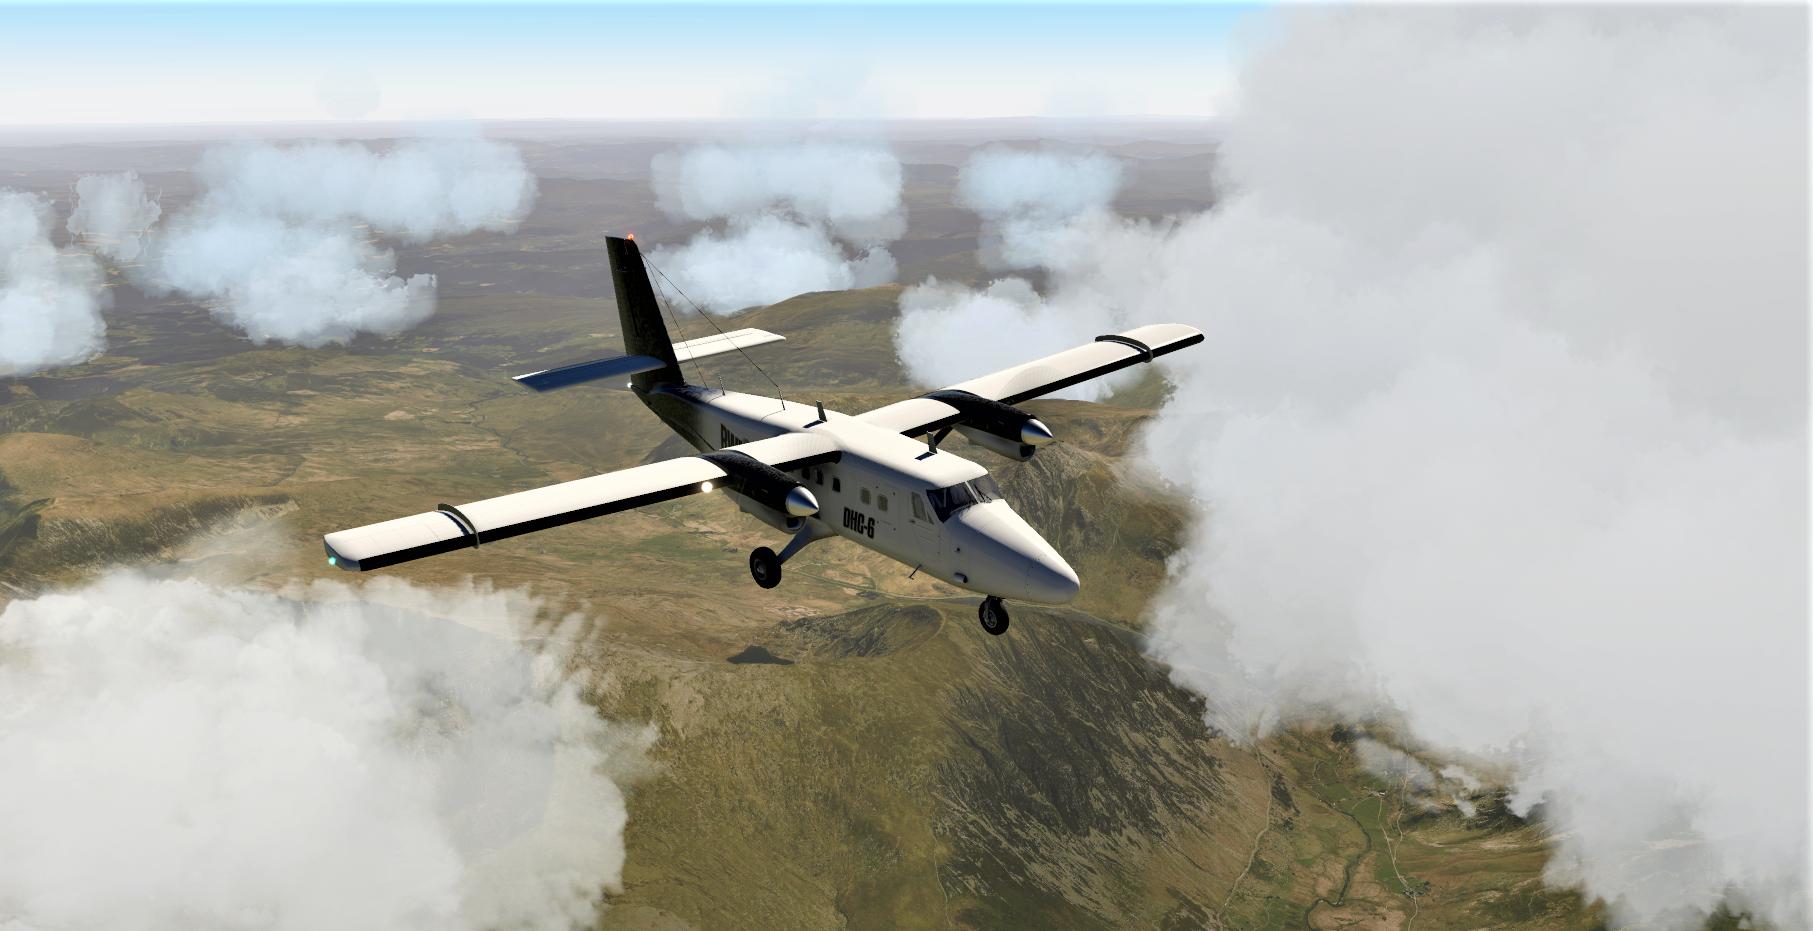 X-Plane Screenshot 2019.01.12 - 20.00.59.03 (2).png